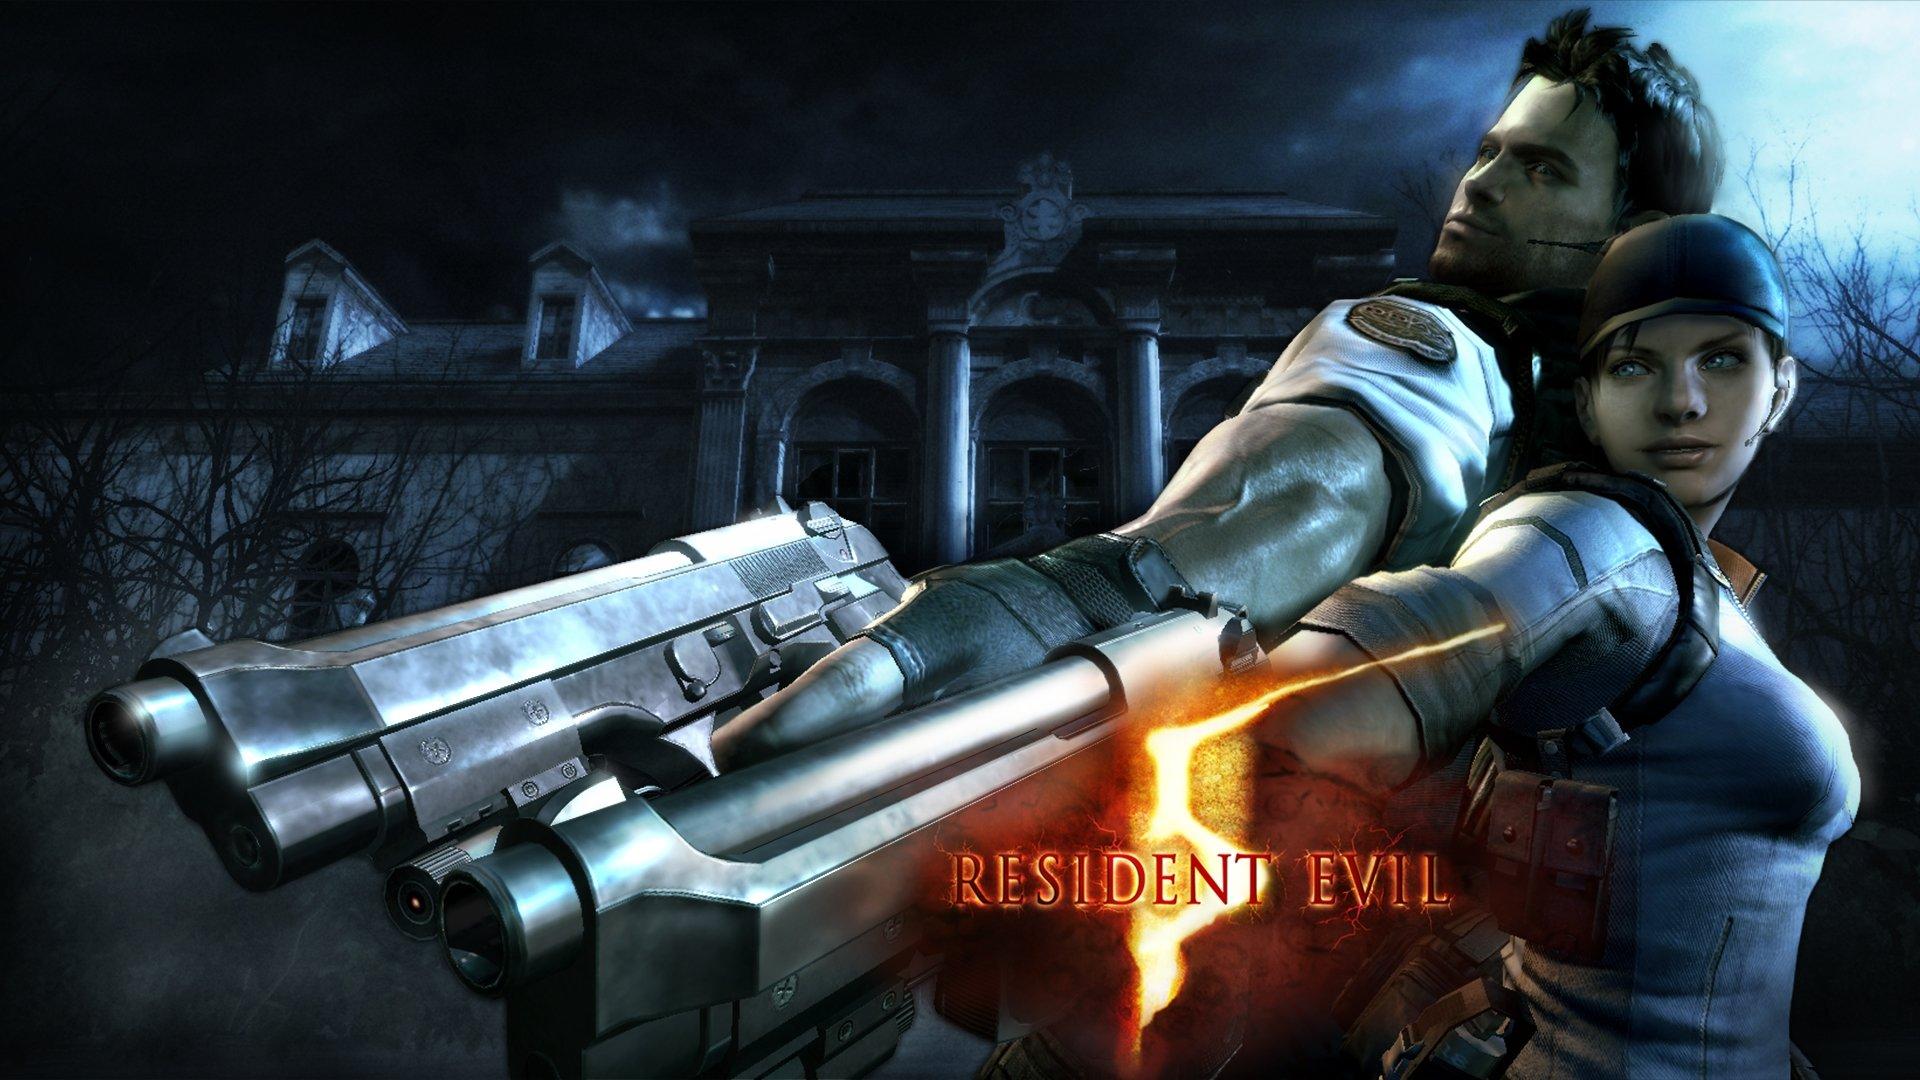 Resident Evil 5 Wallpapers 1920x1080 Full Hd 1080p Desktop